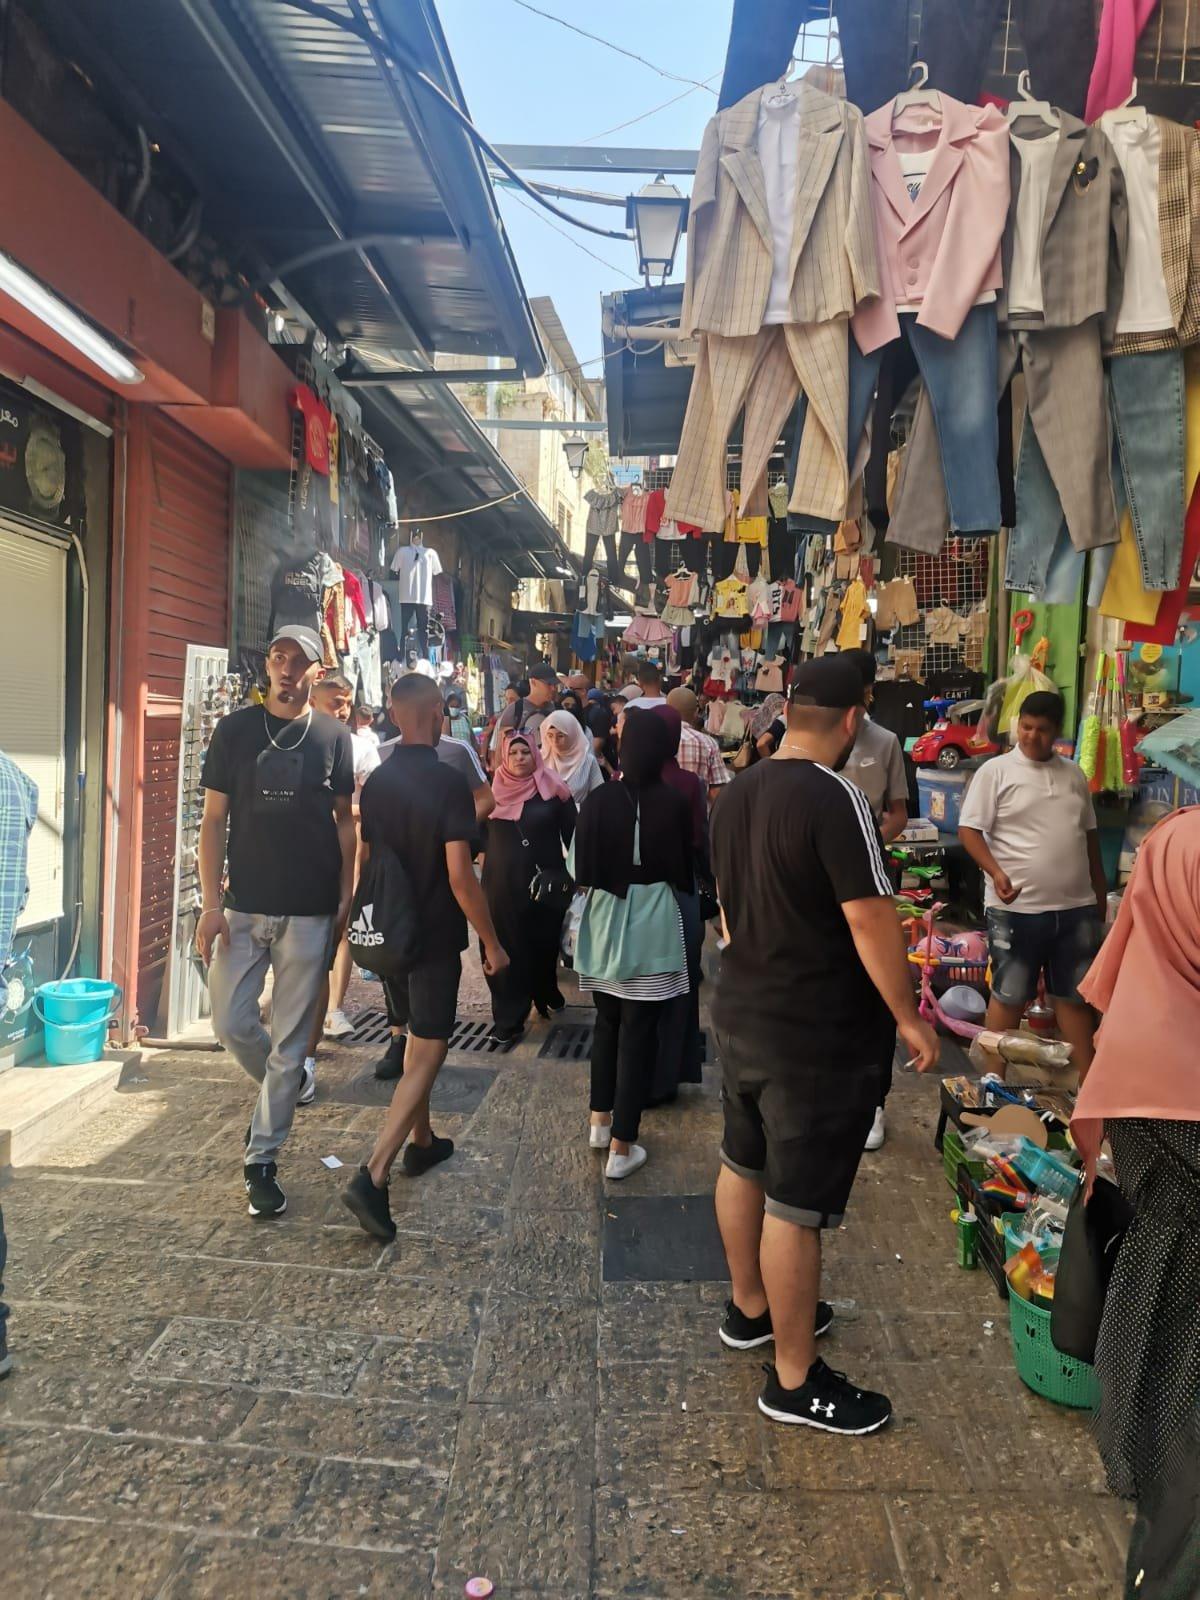 قبيل عيد الأضحى .. الأوضاع الاقتصادية والسياسية تلقي بظلالها على أسواق القدس-1